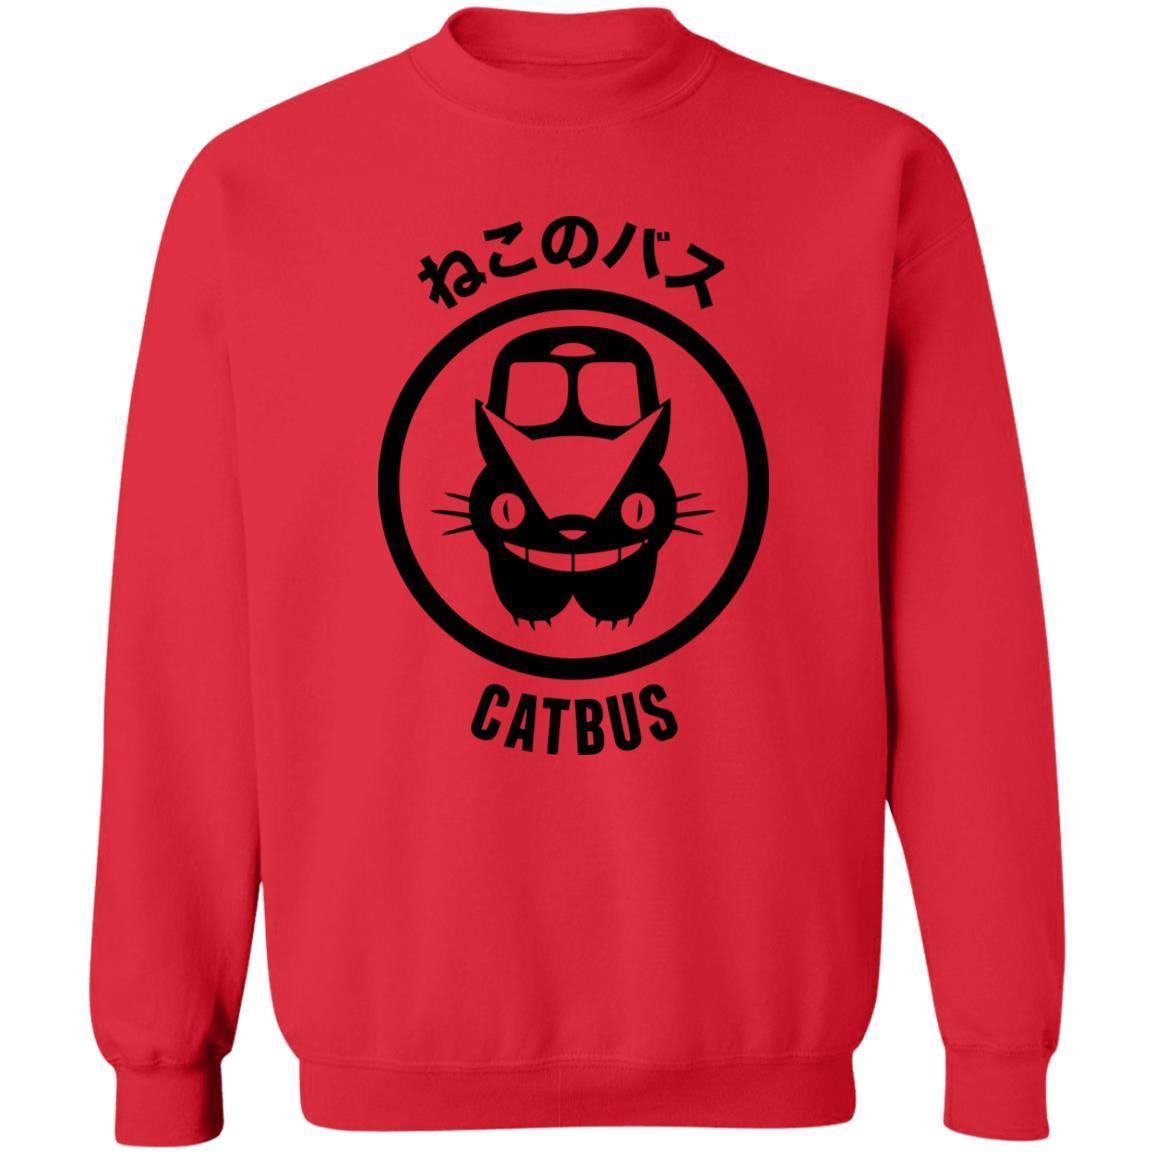 My Neighbor Totoro – Cat Bus Logo Sweatshirt